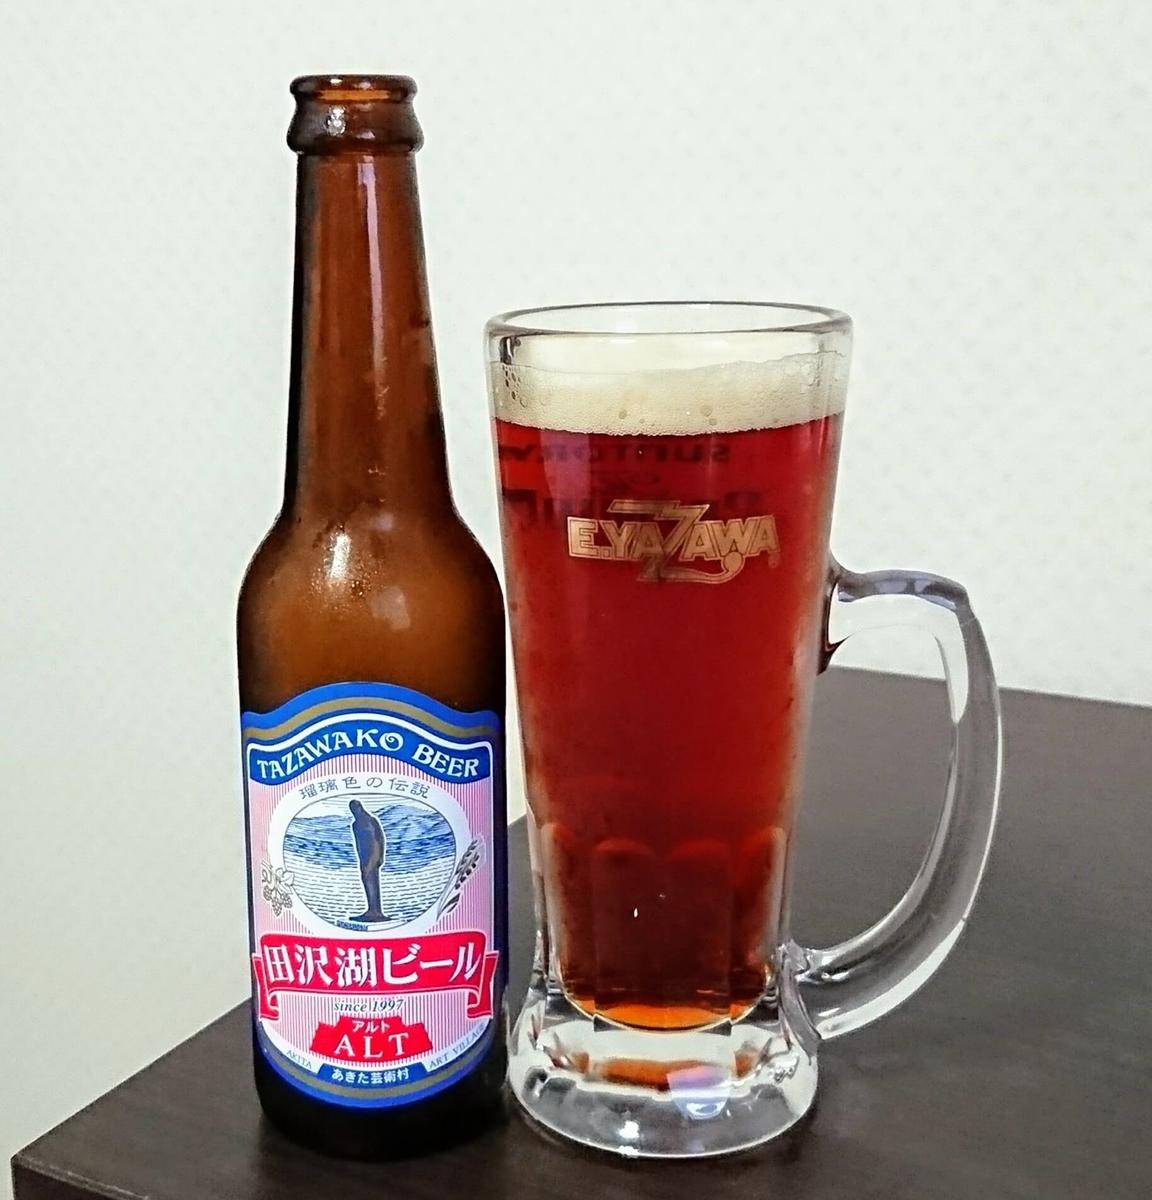 田沢湖ビール アルトの感想・評価:これはもう宝石。飲む宝石だ。